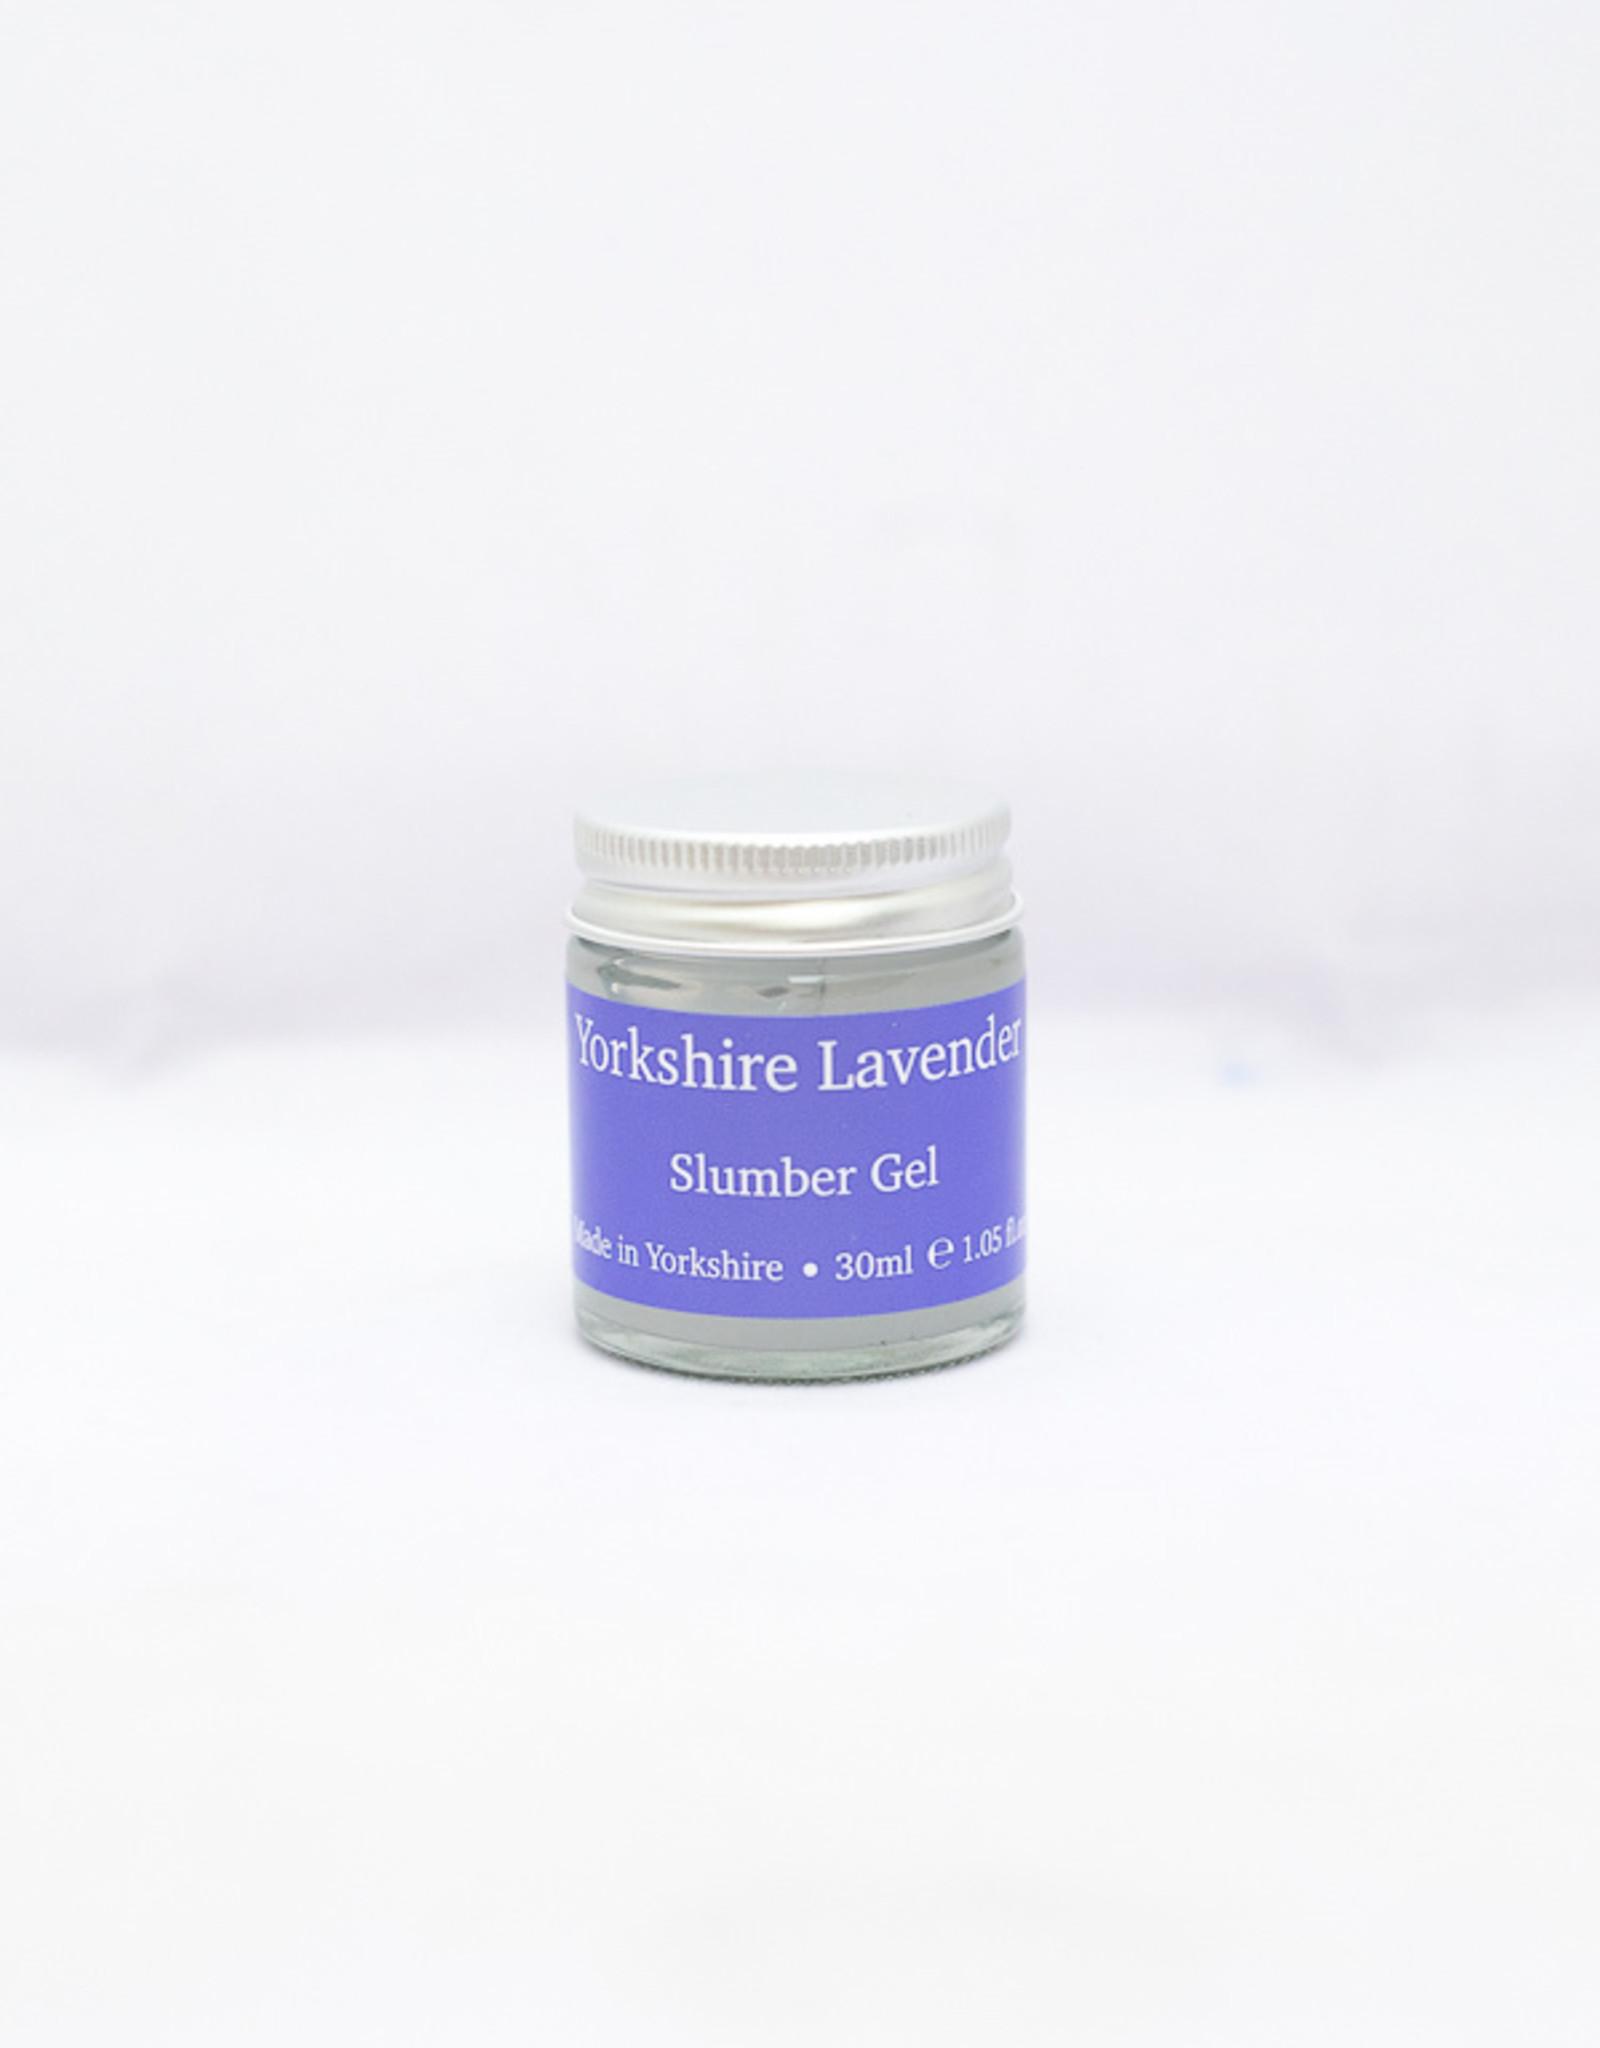 Yorkshire Lavender Slumber Gel